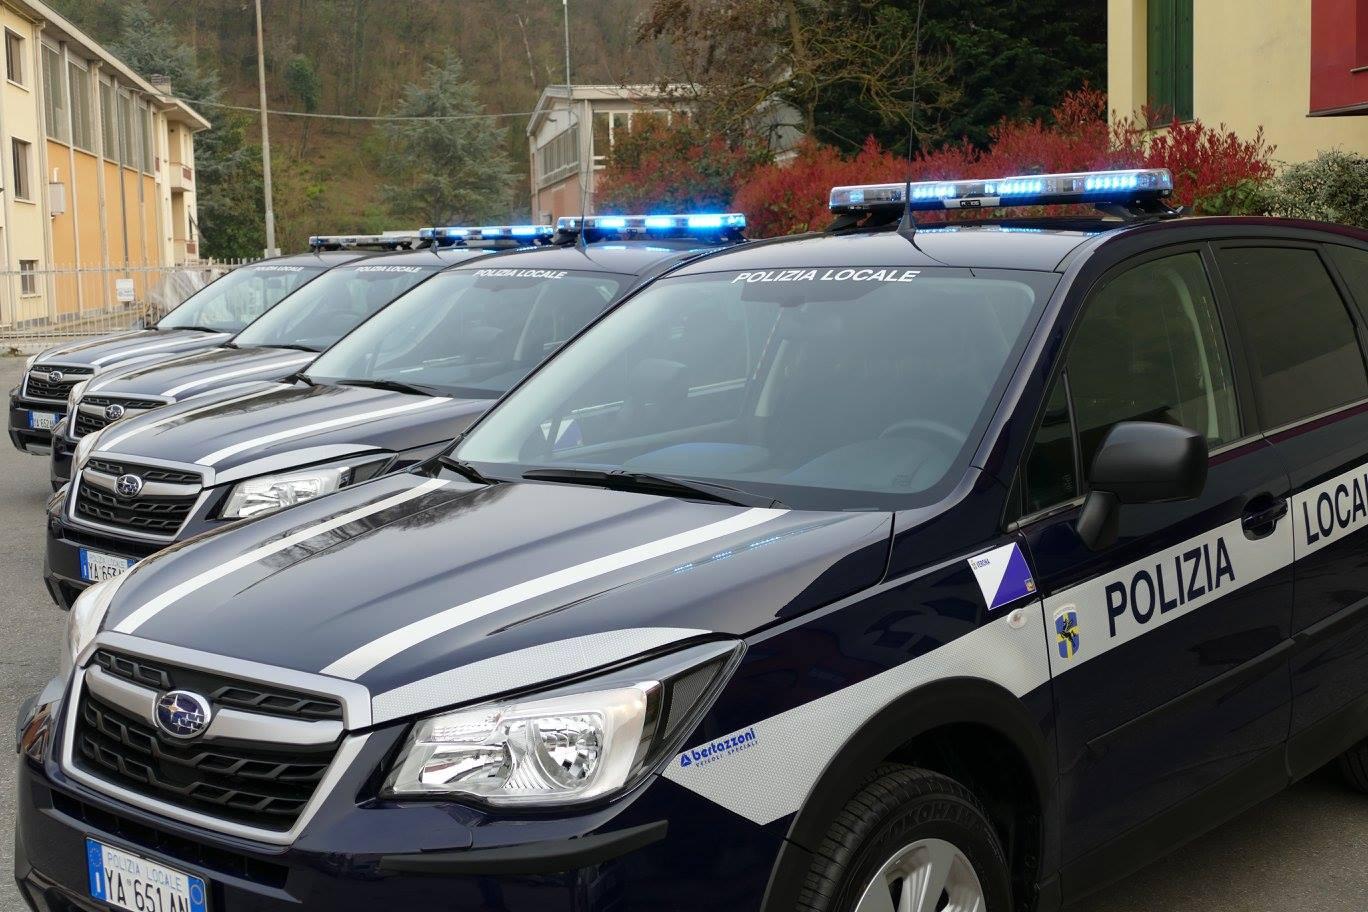 Scopriamo i vantaggi del SECURWALL per le Polizie Locali nei nuovi veicoli scelti per la città di Verona | Emergency Live 4